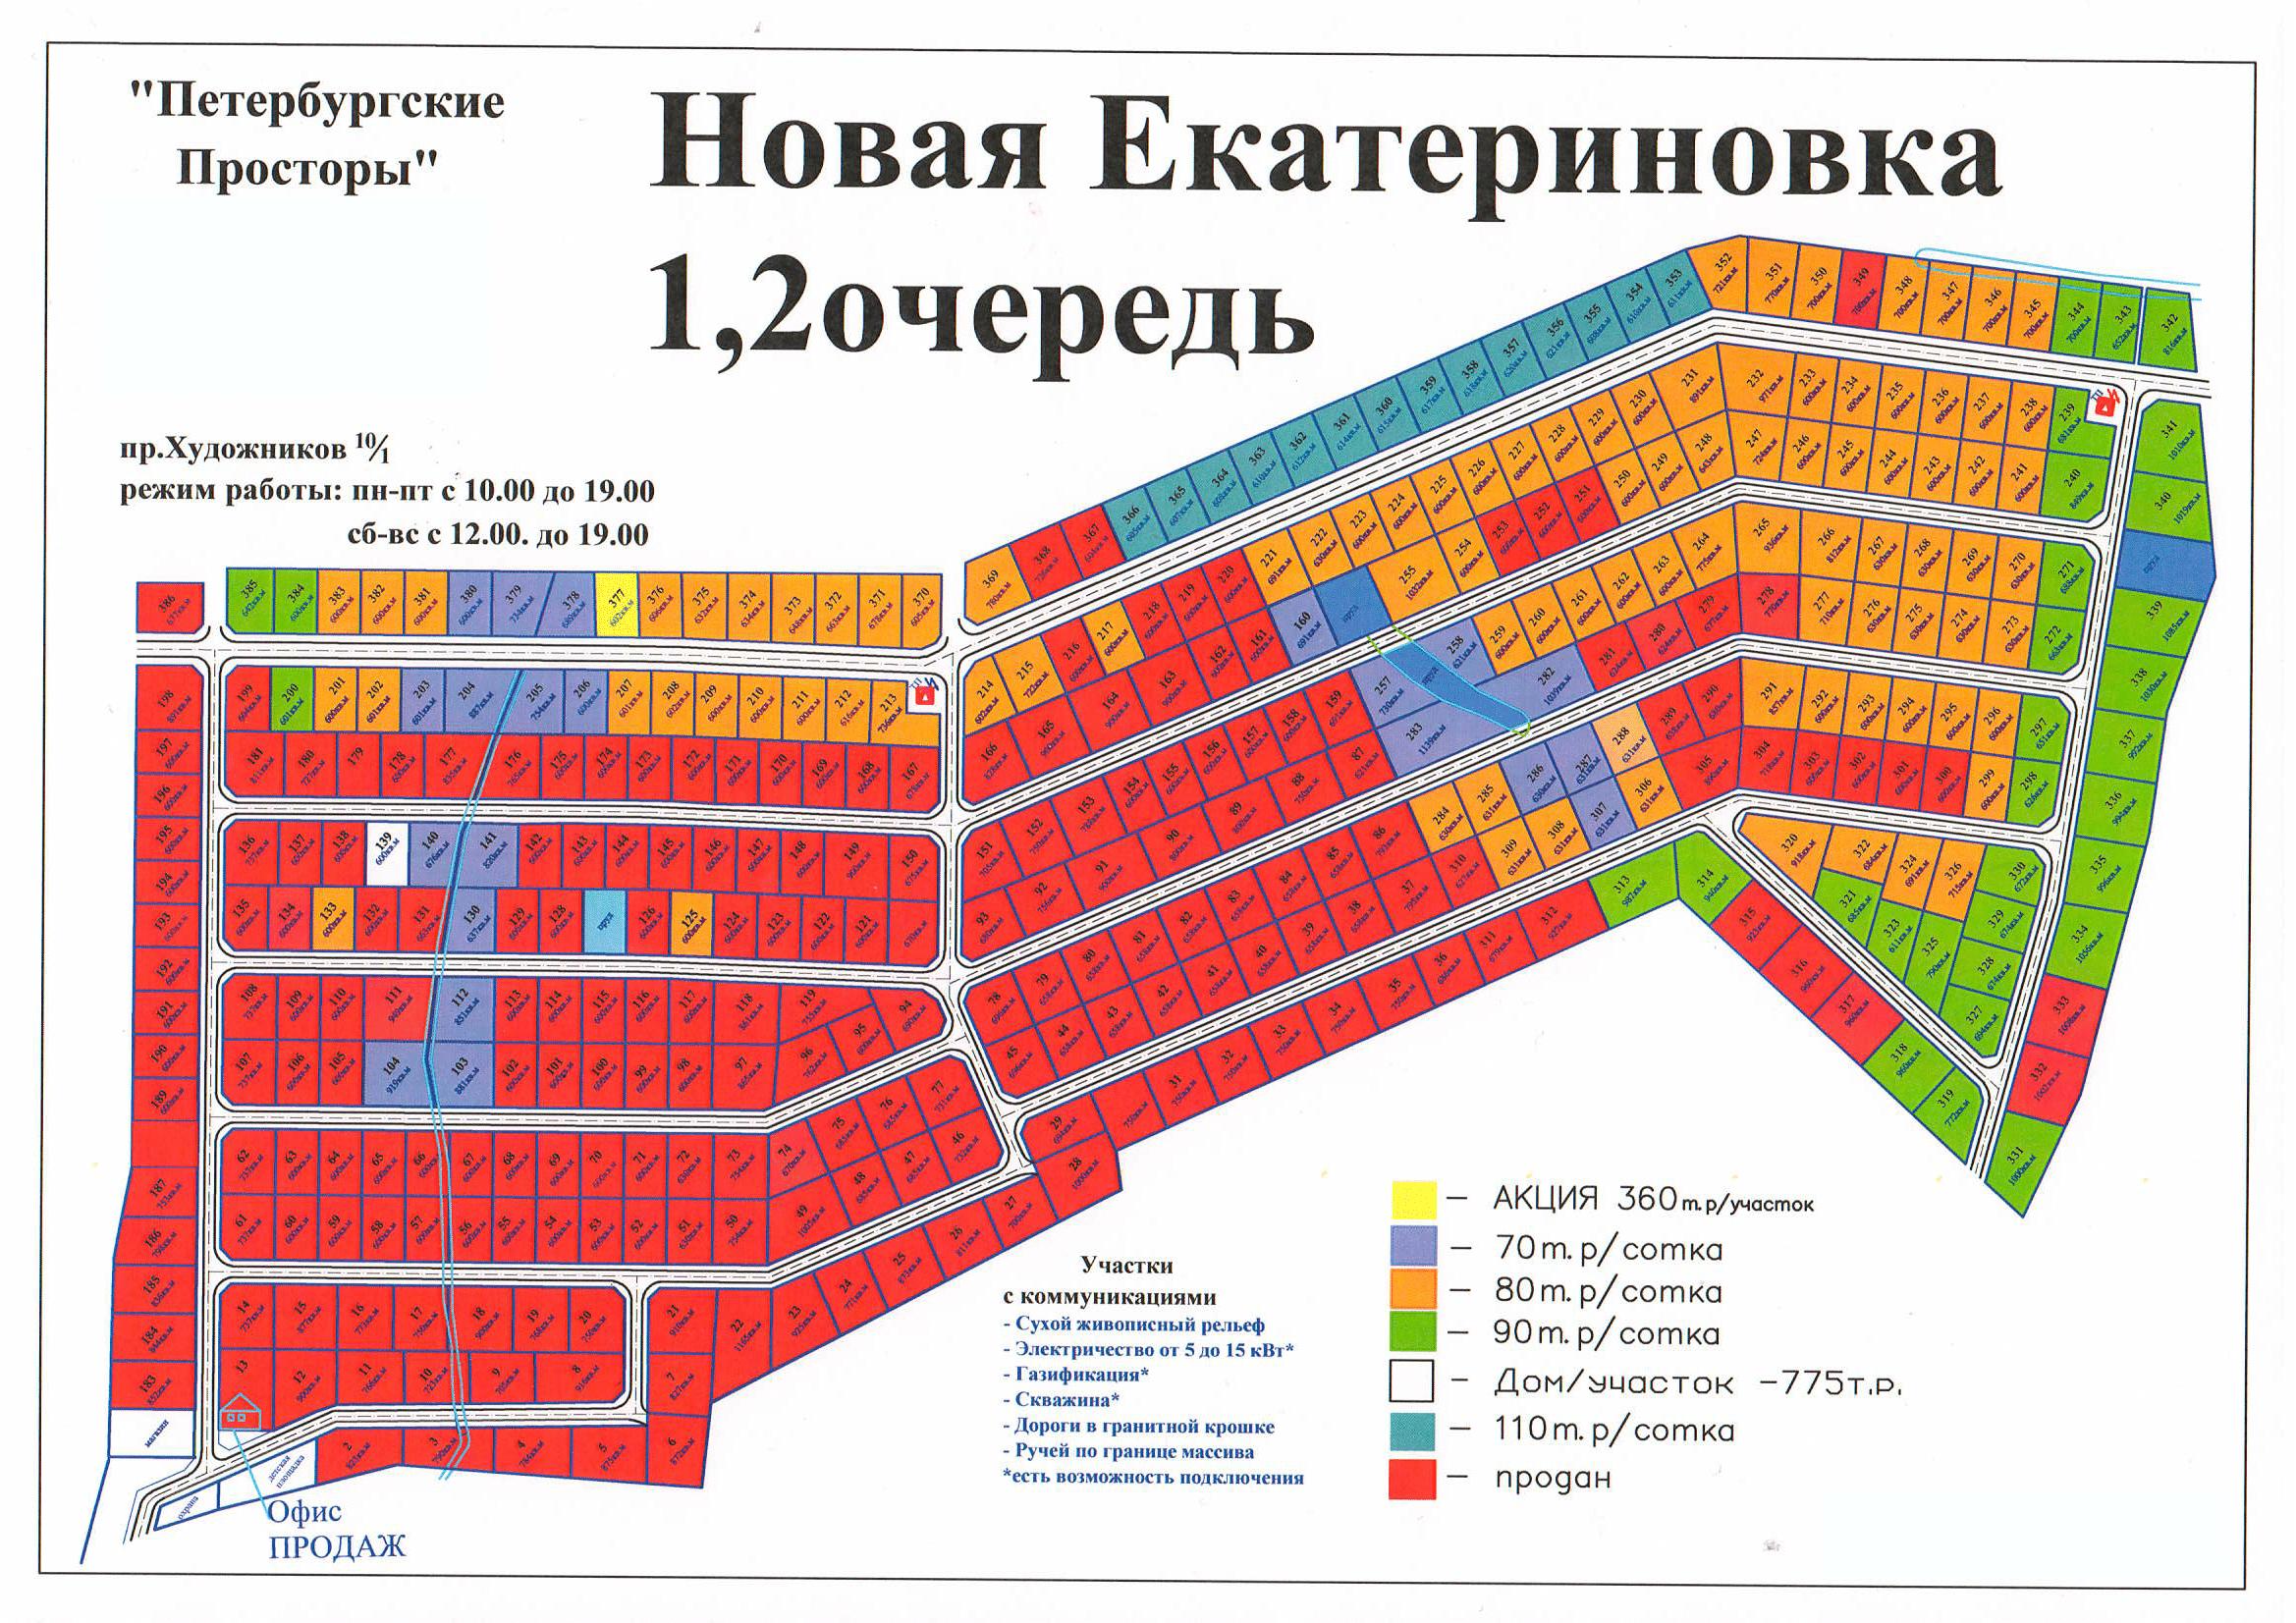 Генеральный план Новая Екатериновка